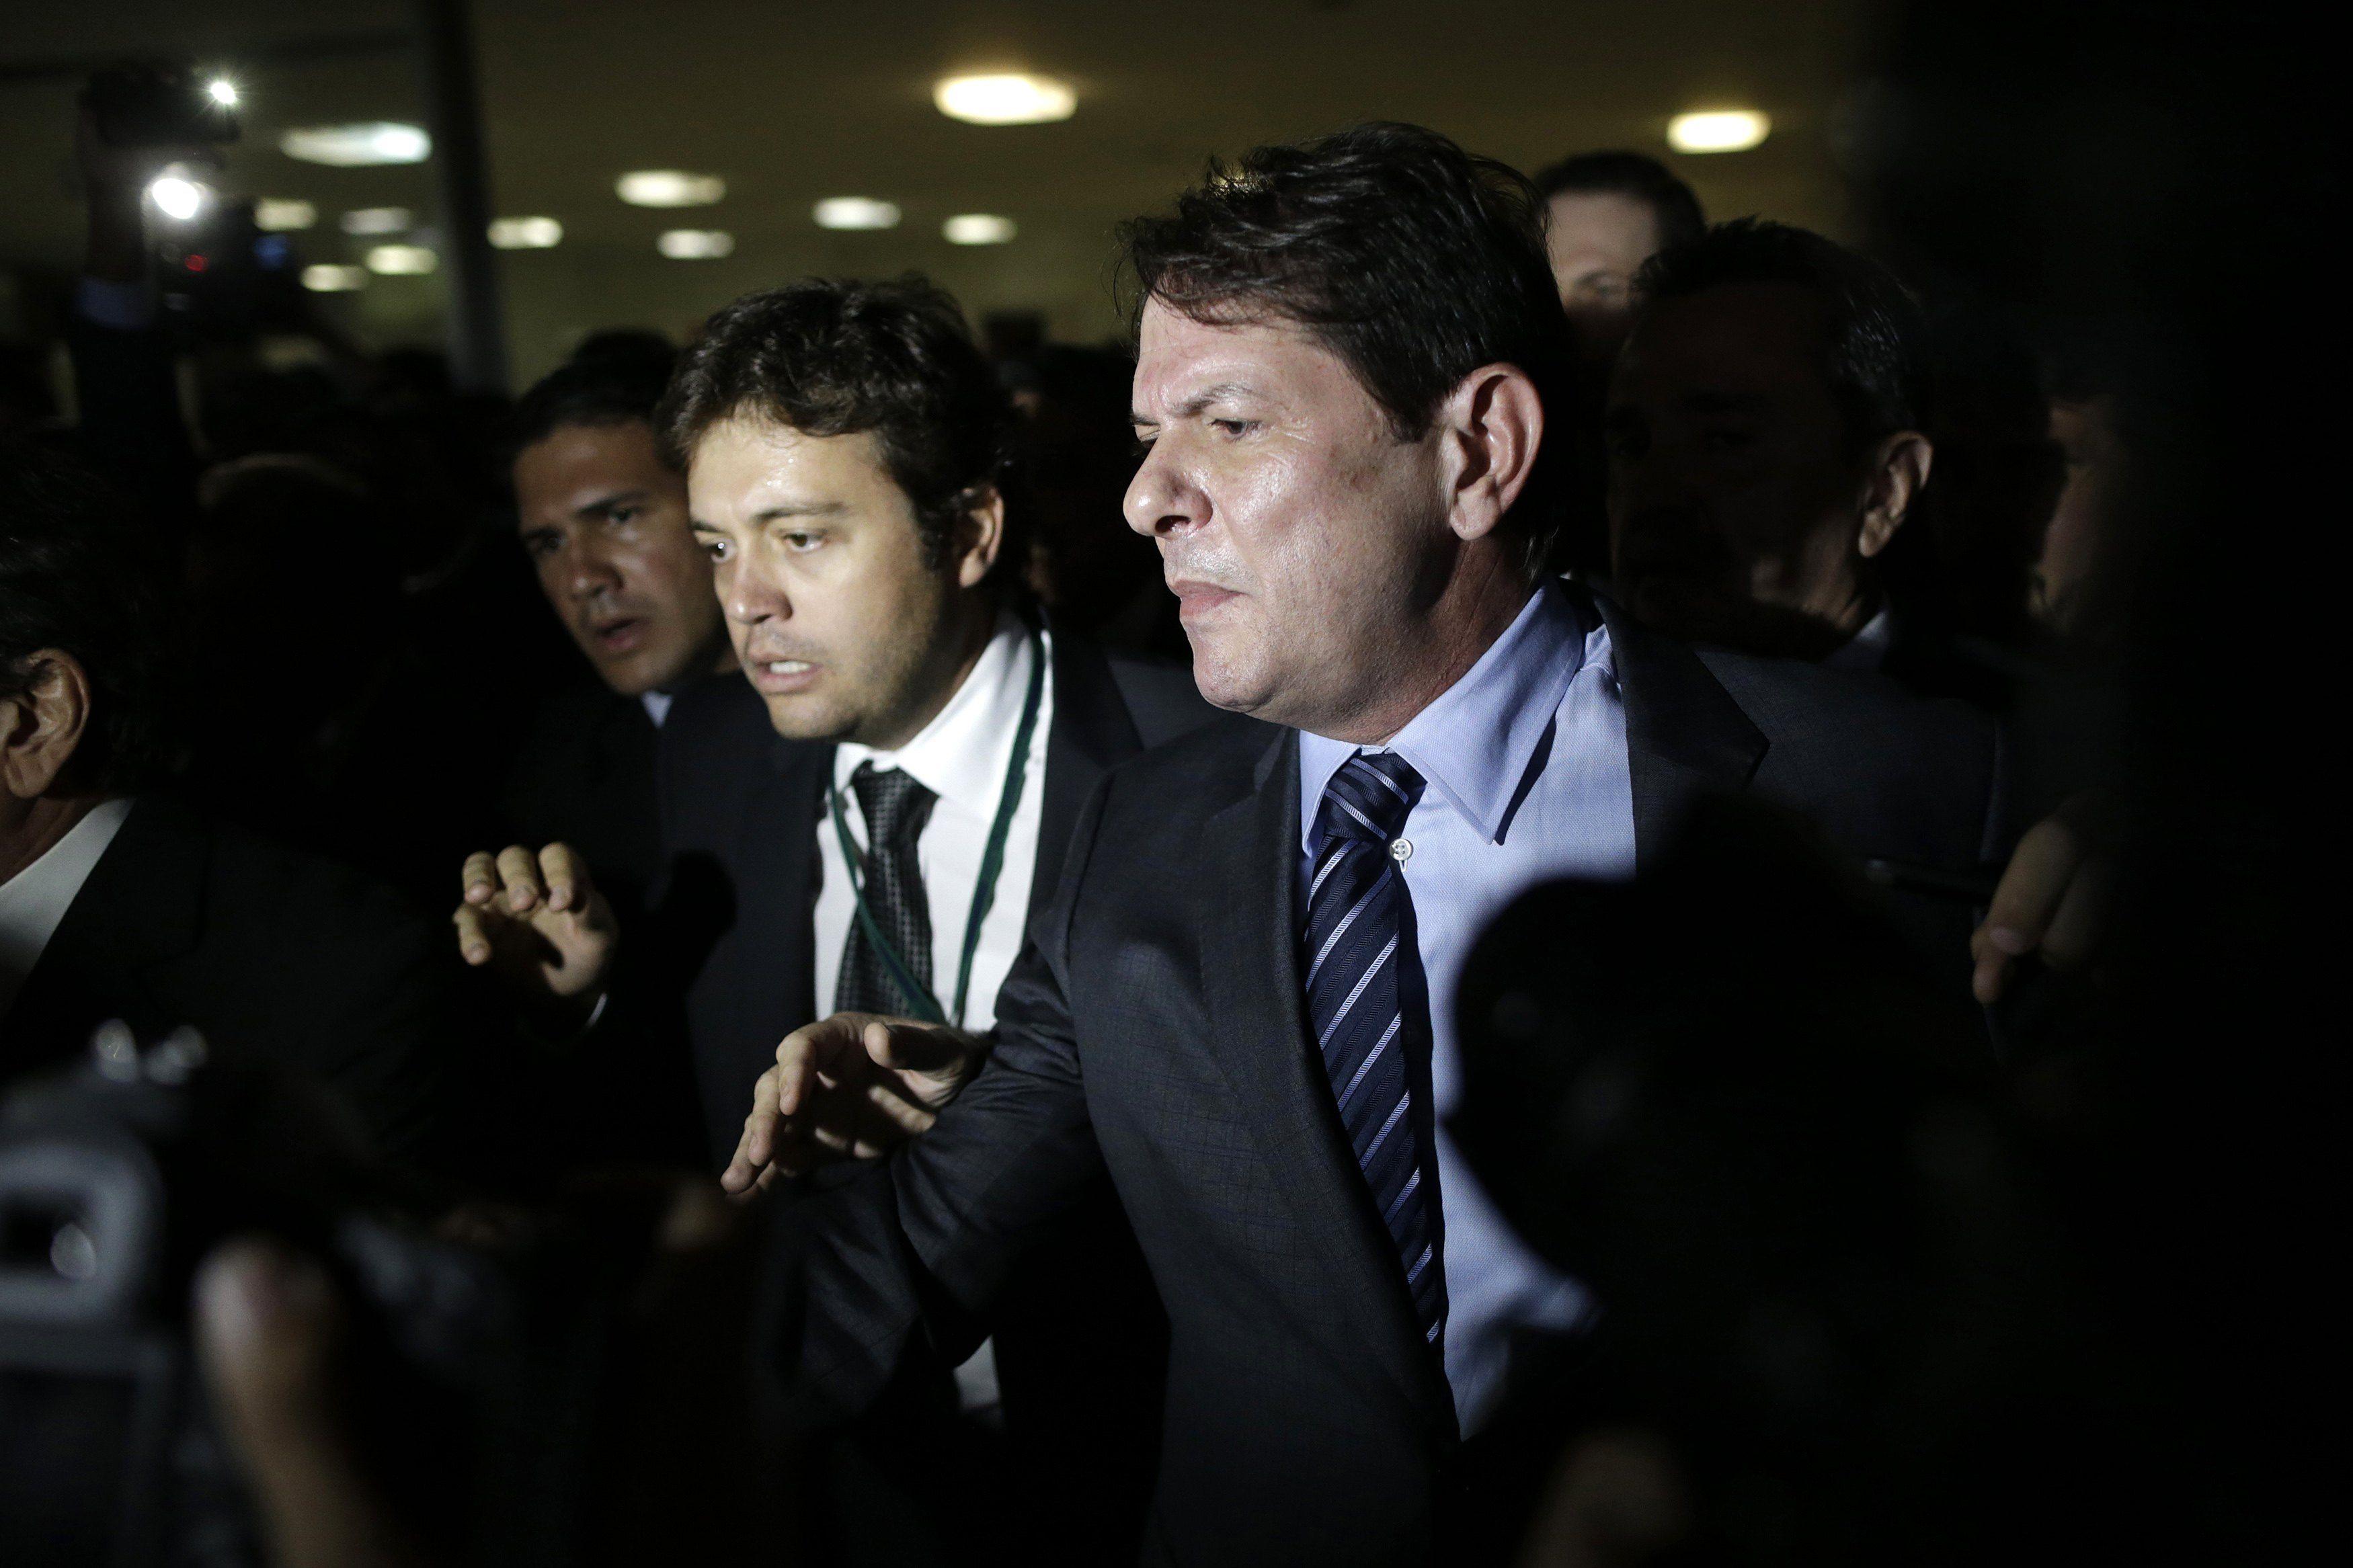 Câmara vai à Justiça contra o ex-ministro Cid Gomes - http://po.st/MBv7n5  #Política - #Câmara, #CidGomes, #CrimeDeResponsabilidade, #Declarações, #Justiça